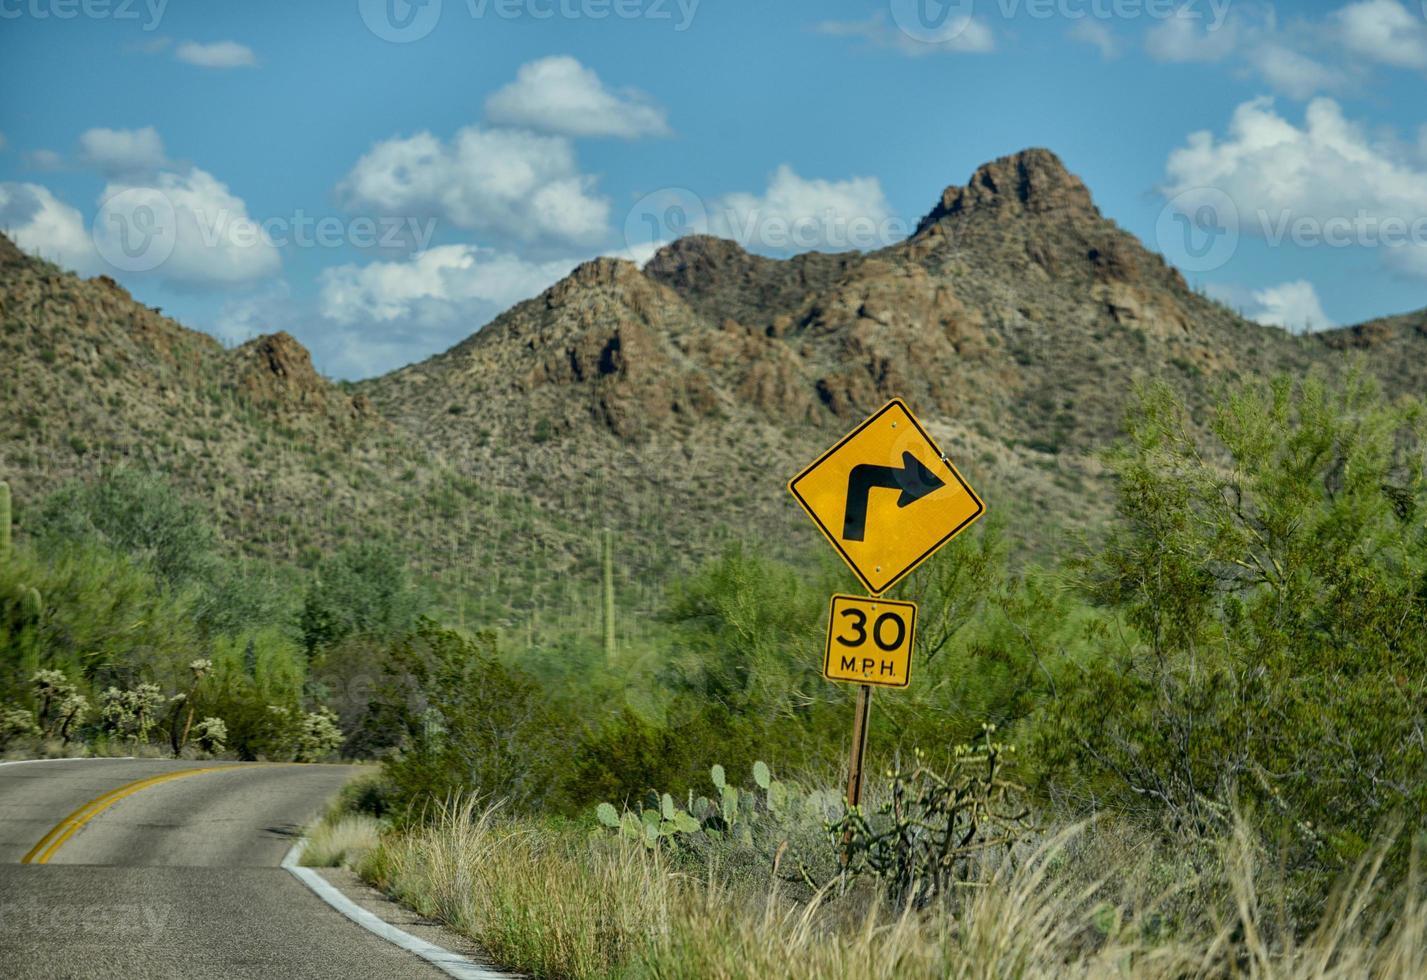 skarp 30 mph sväng på bergsvägen foto